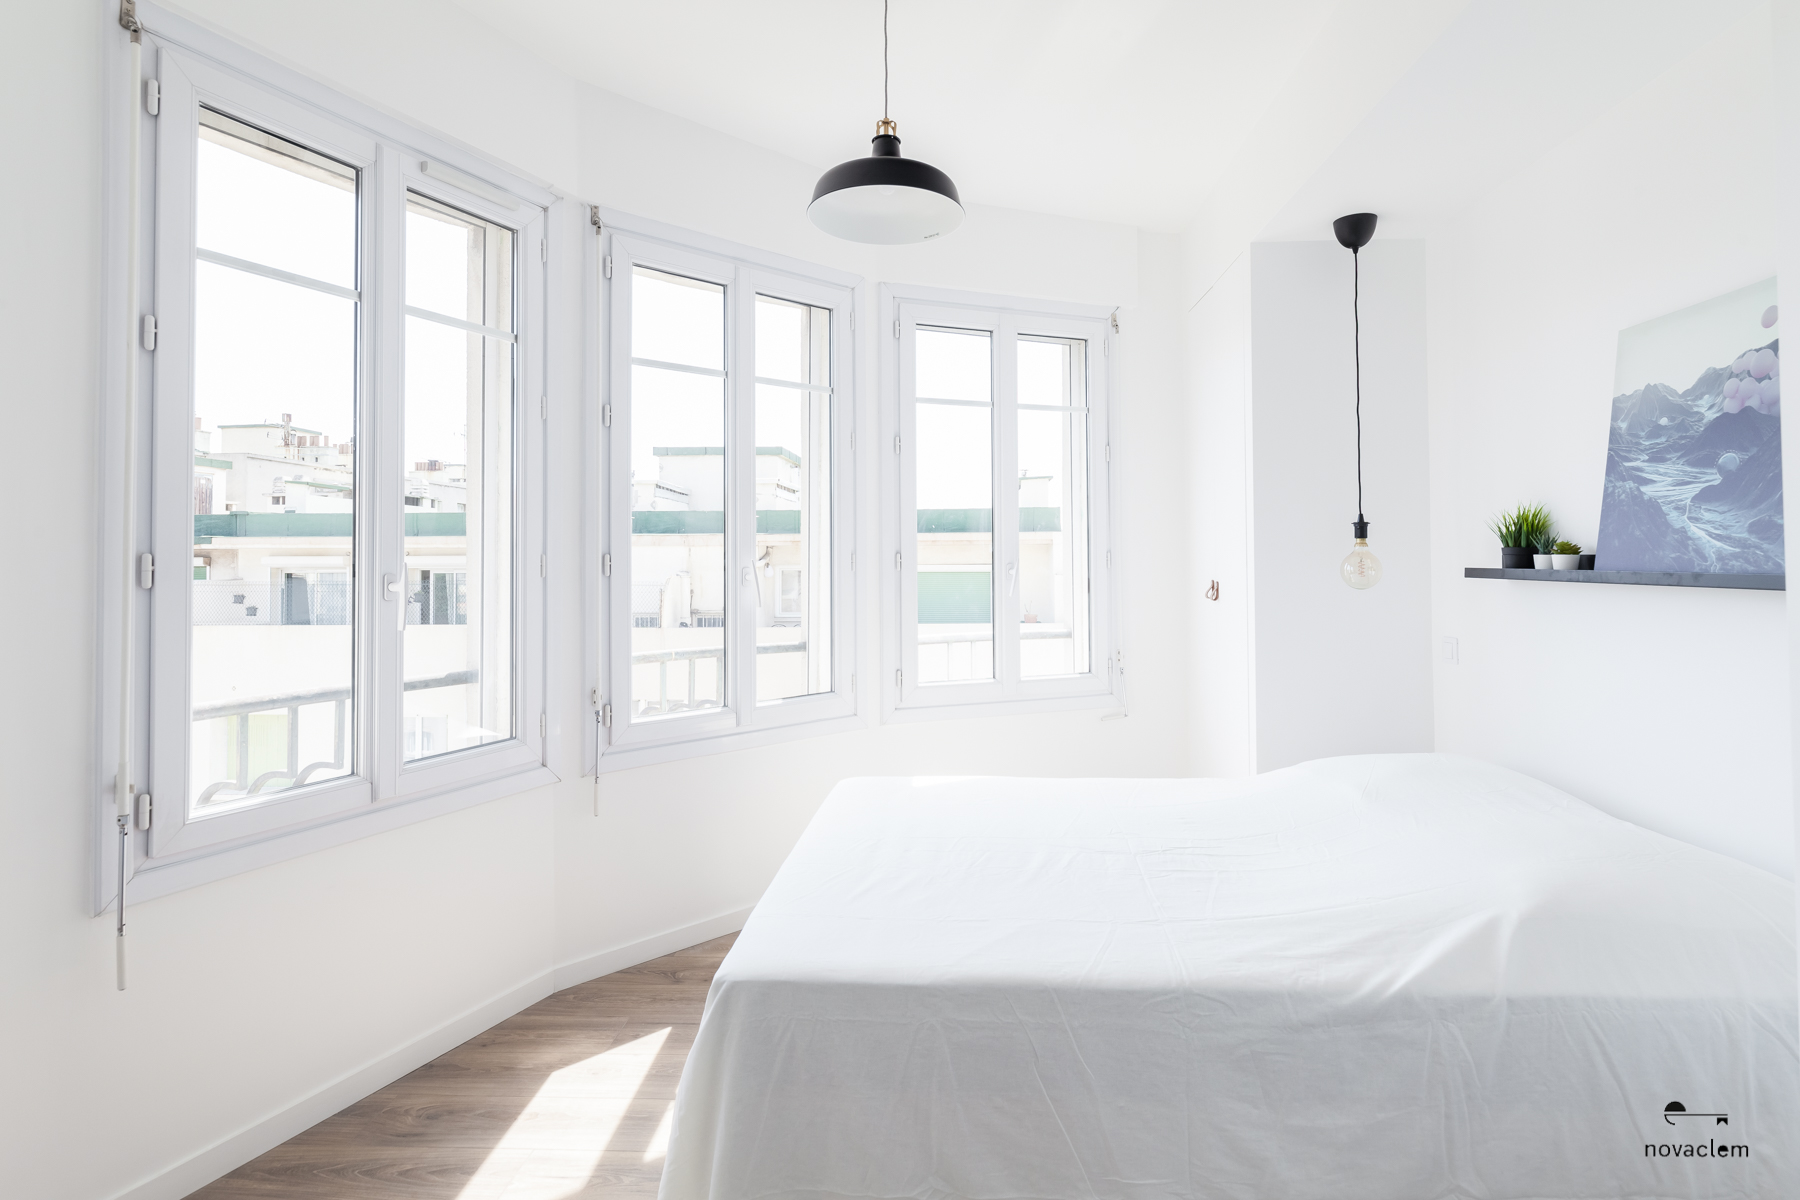 Novaclem - Chambre après travaux Coloc Monastère - Investissement Marseille